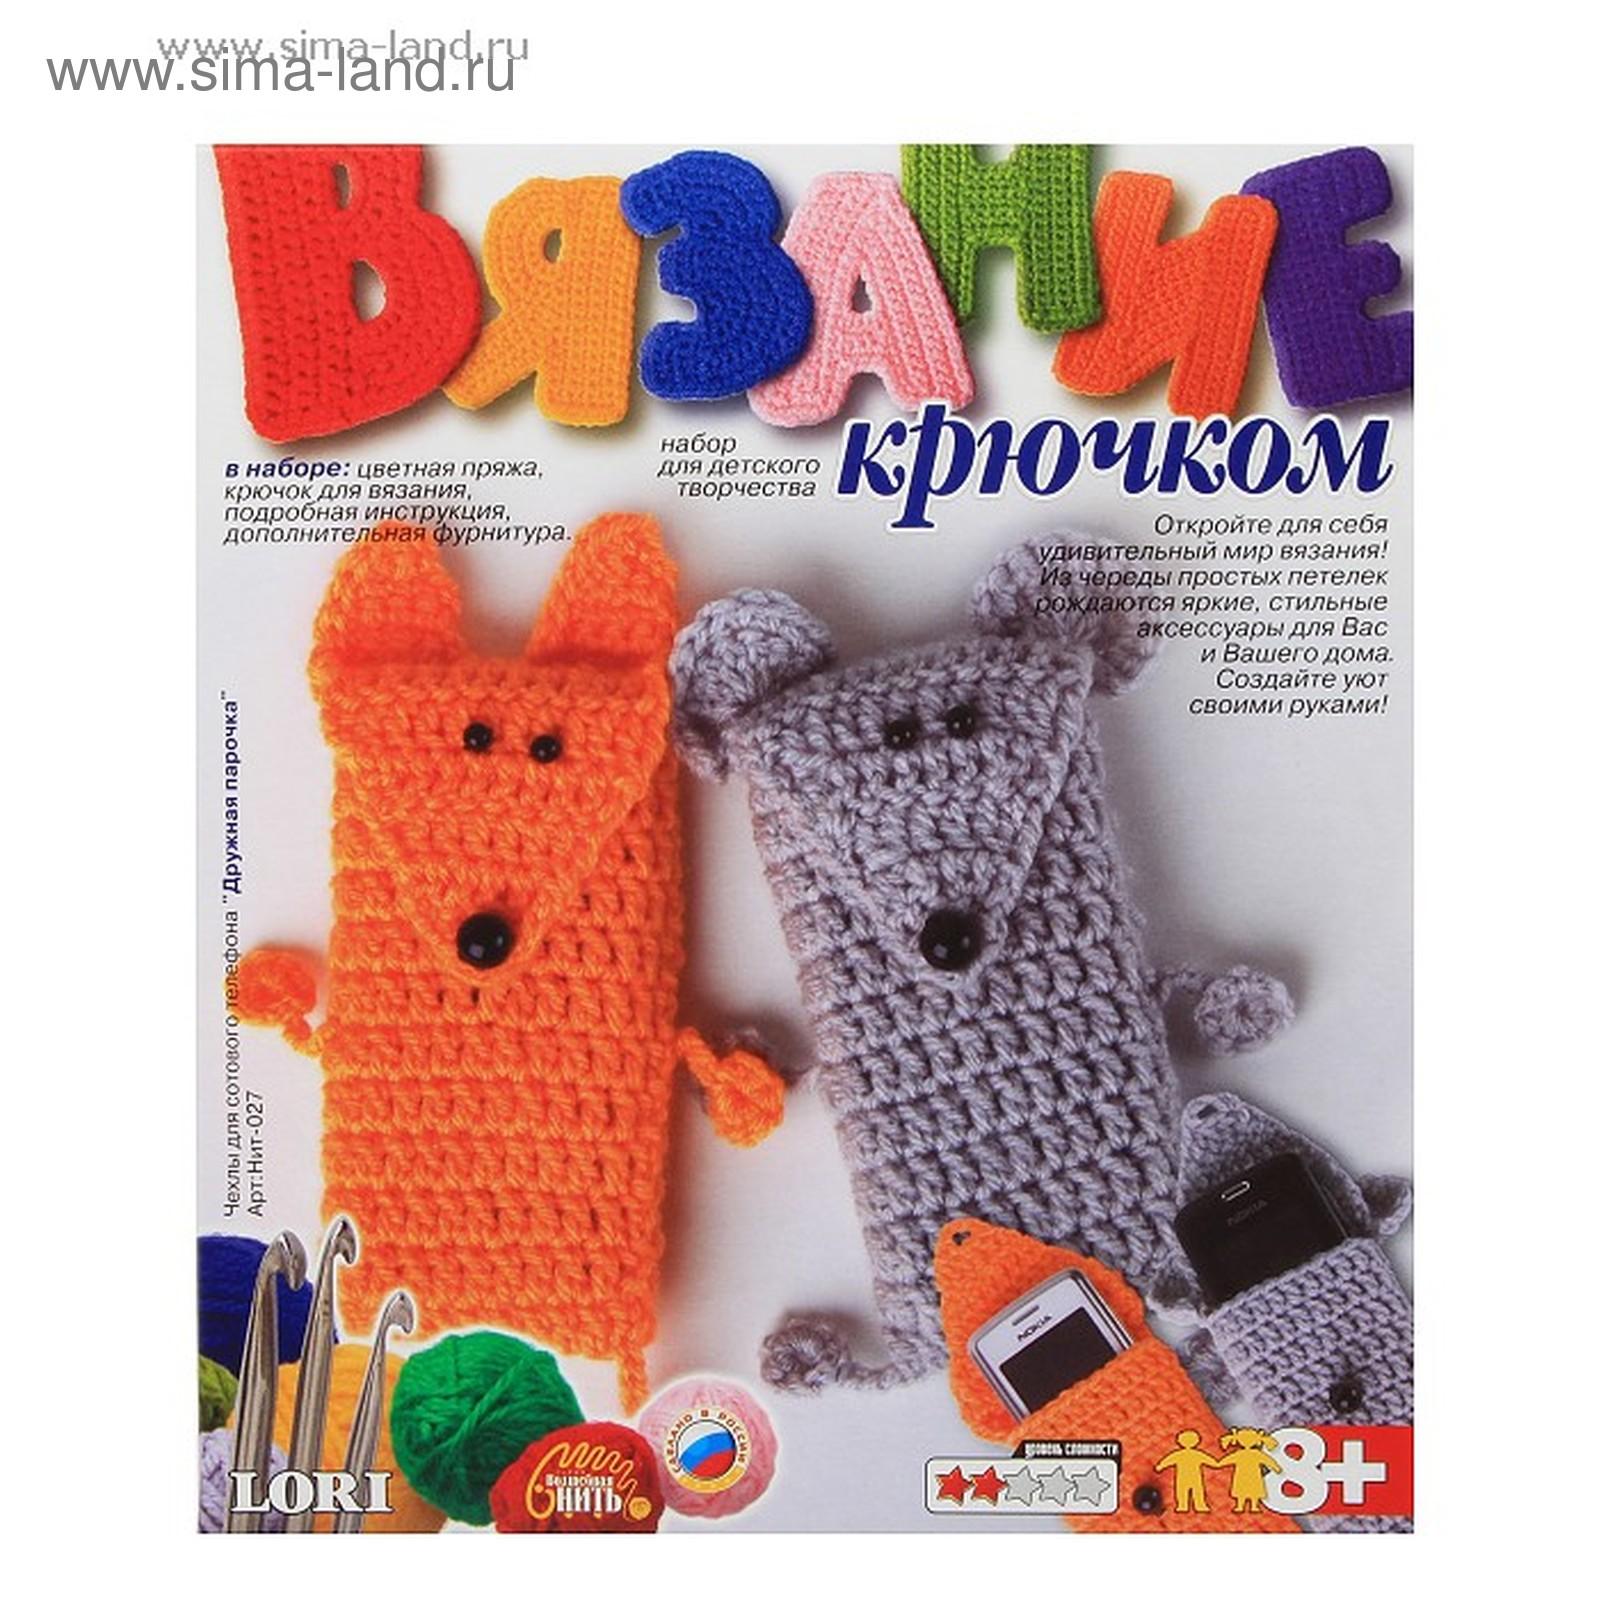 вязание крючком чехлы для сотового телефона дружная парочка